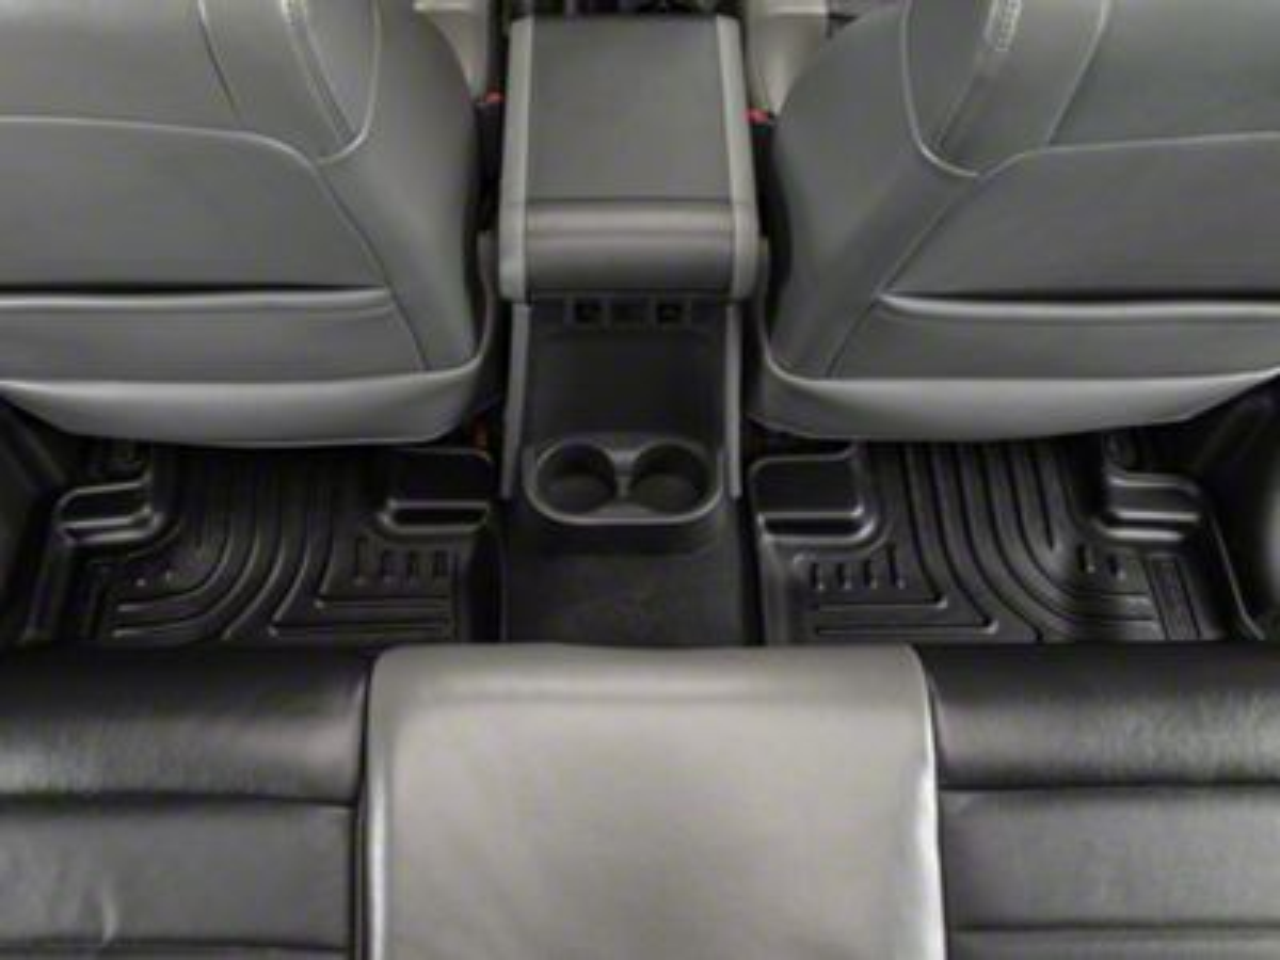 Husky Weatherbeater Rear Floor Mats - Black (11-18 Jeep Wrangler JK 2 Door)